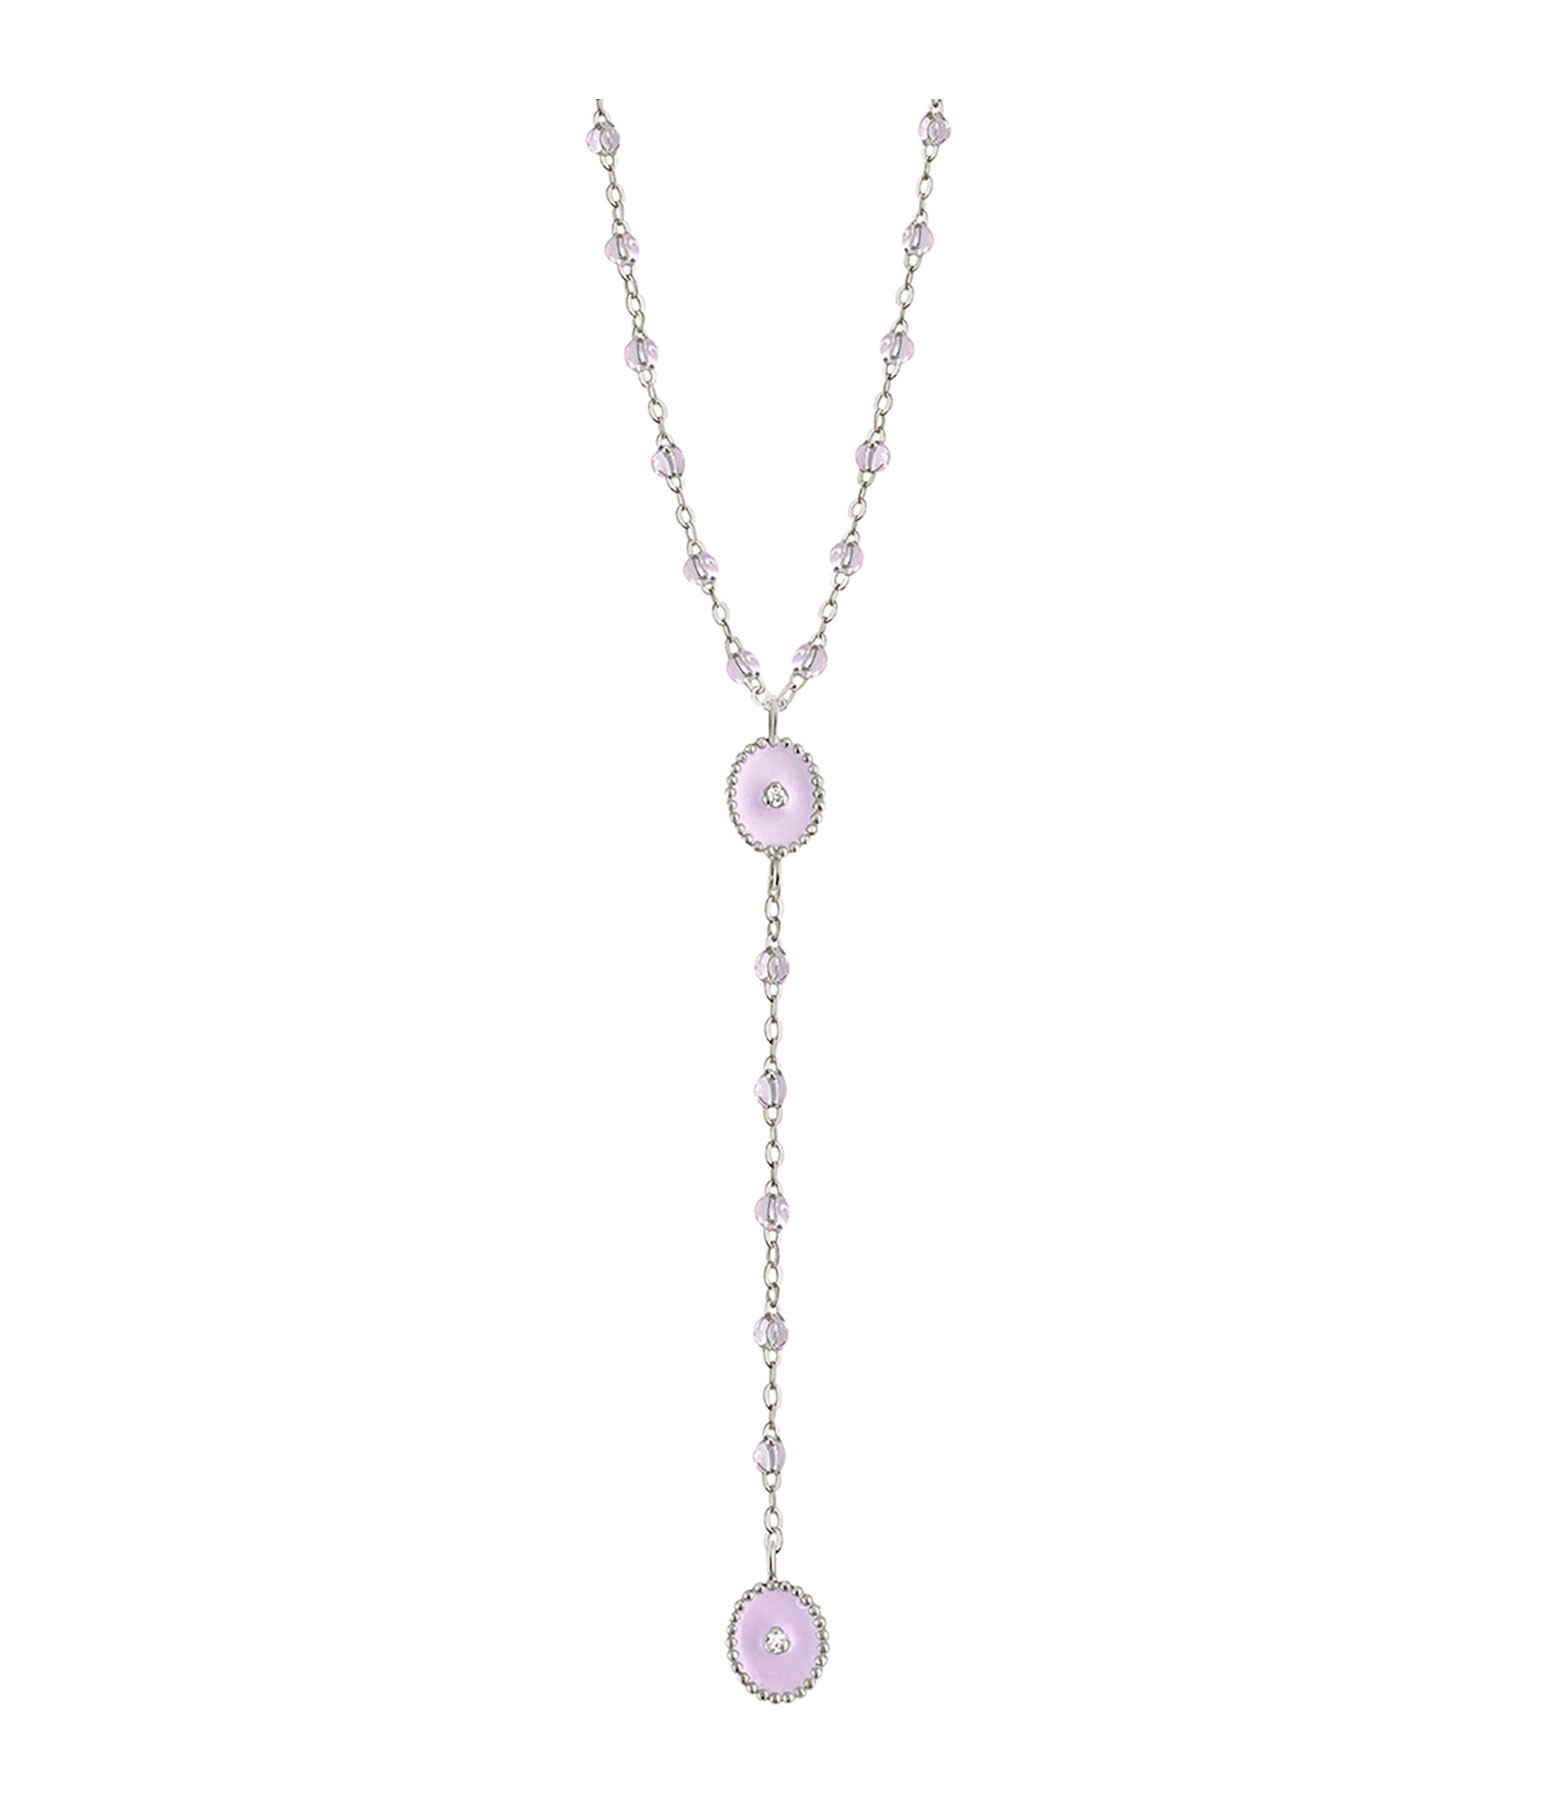 GIGI CLOZEAU - Collier Chapelet Etoile Nord Perles Résine Transparentes Or Diamants